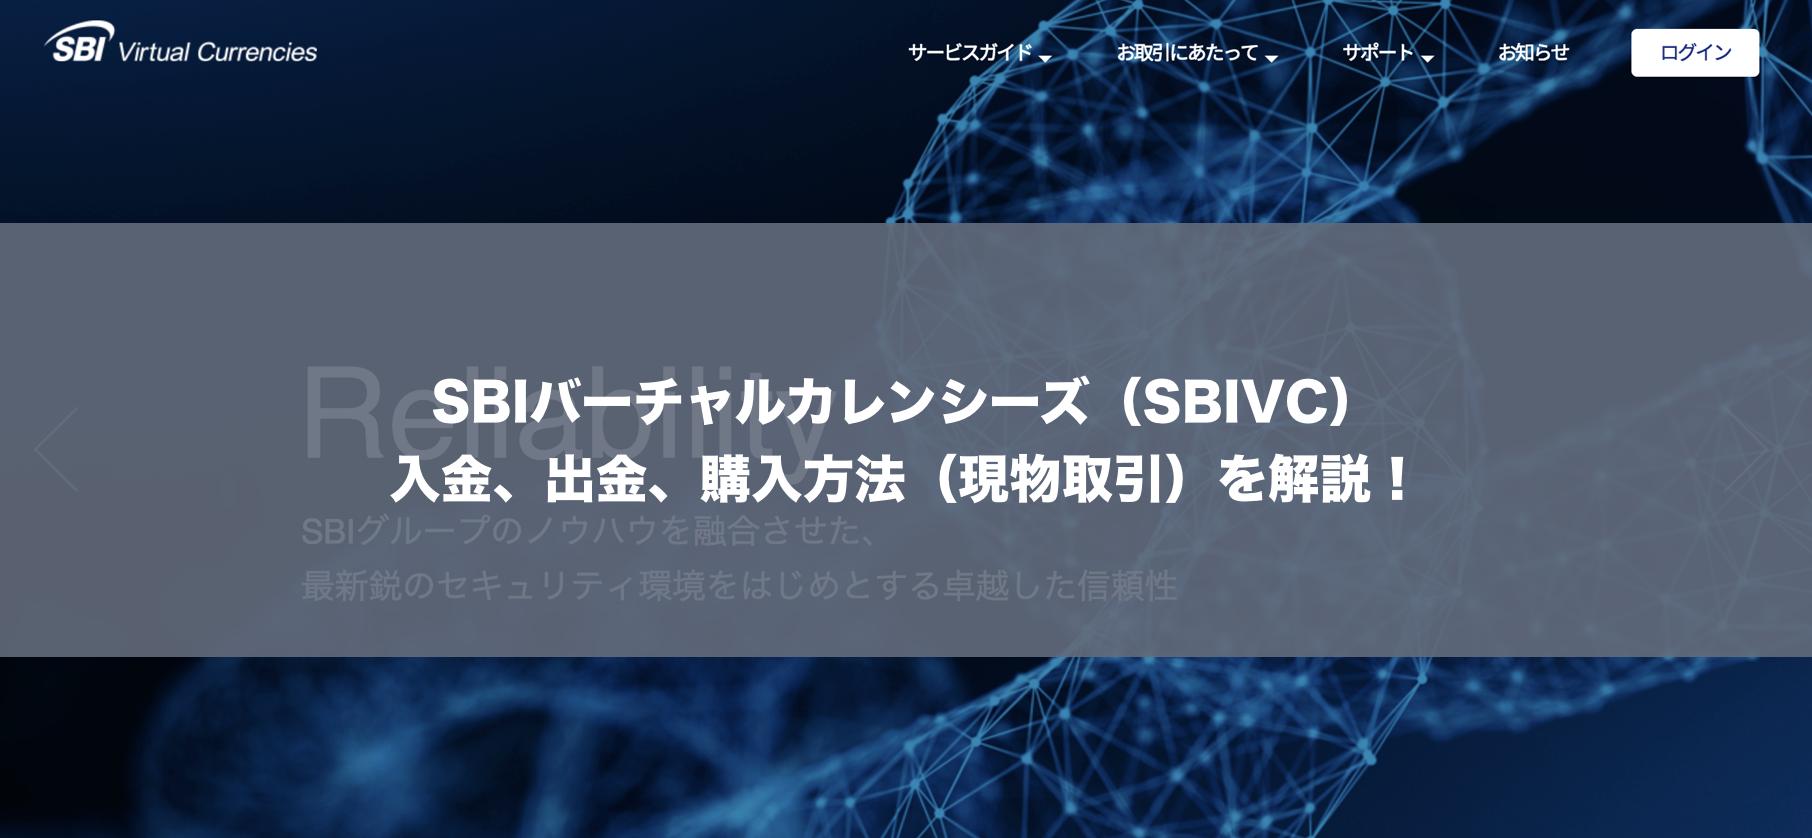 SBIVCの入金、出金、購入方法